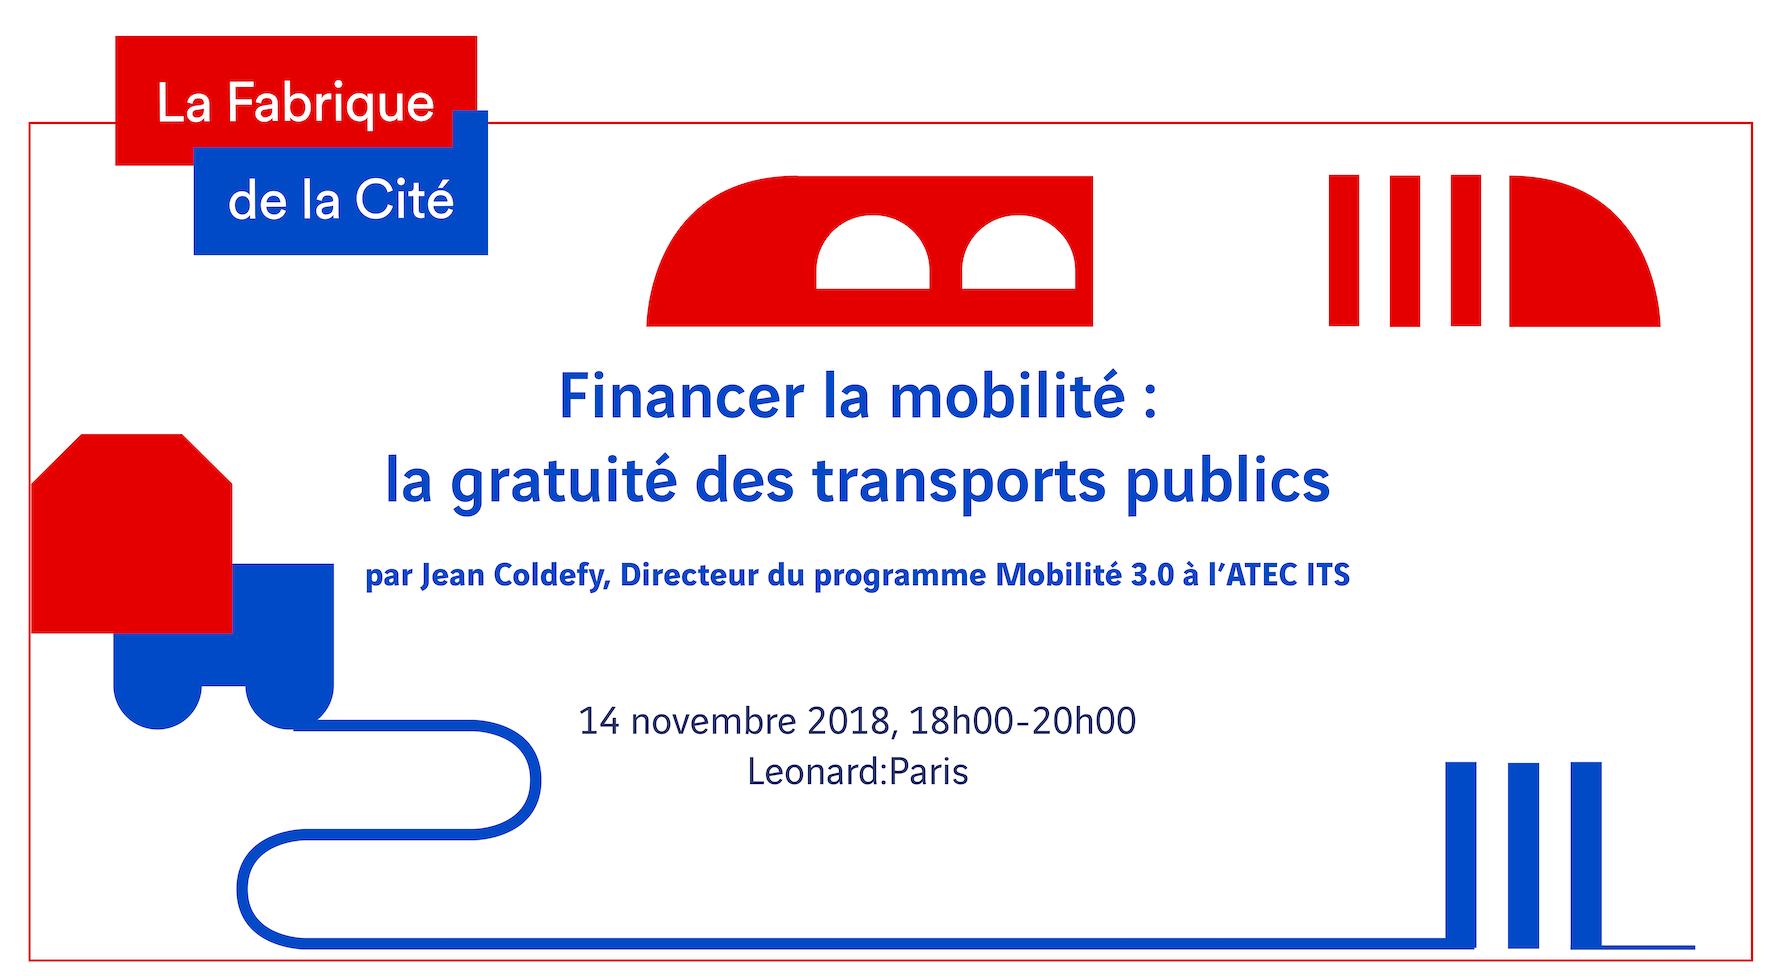 Financer la mobilité : la gratuité des transports publics